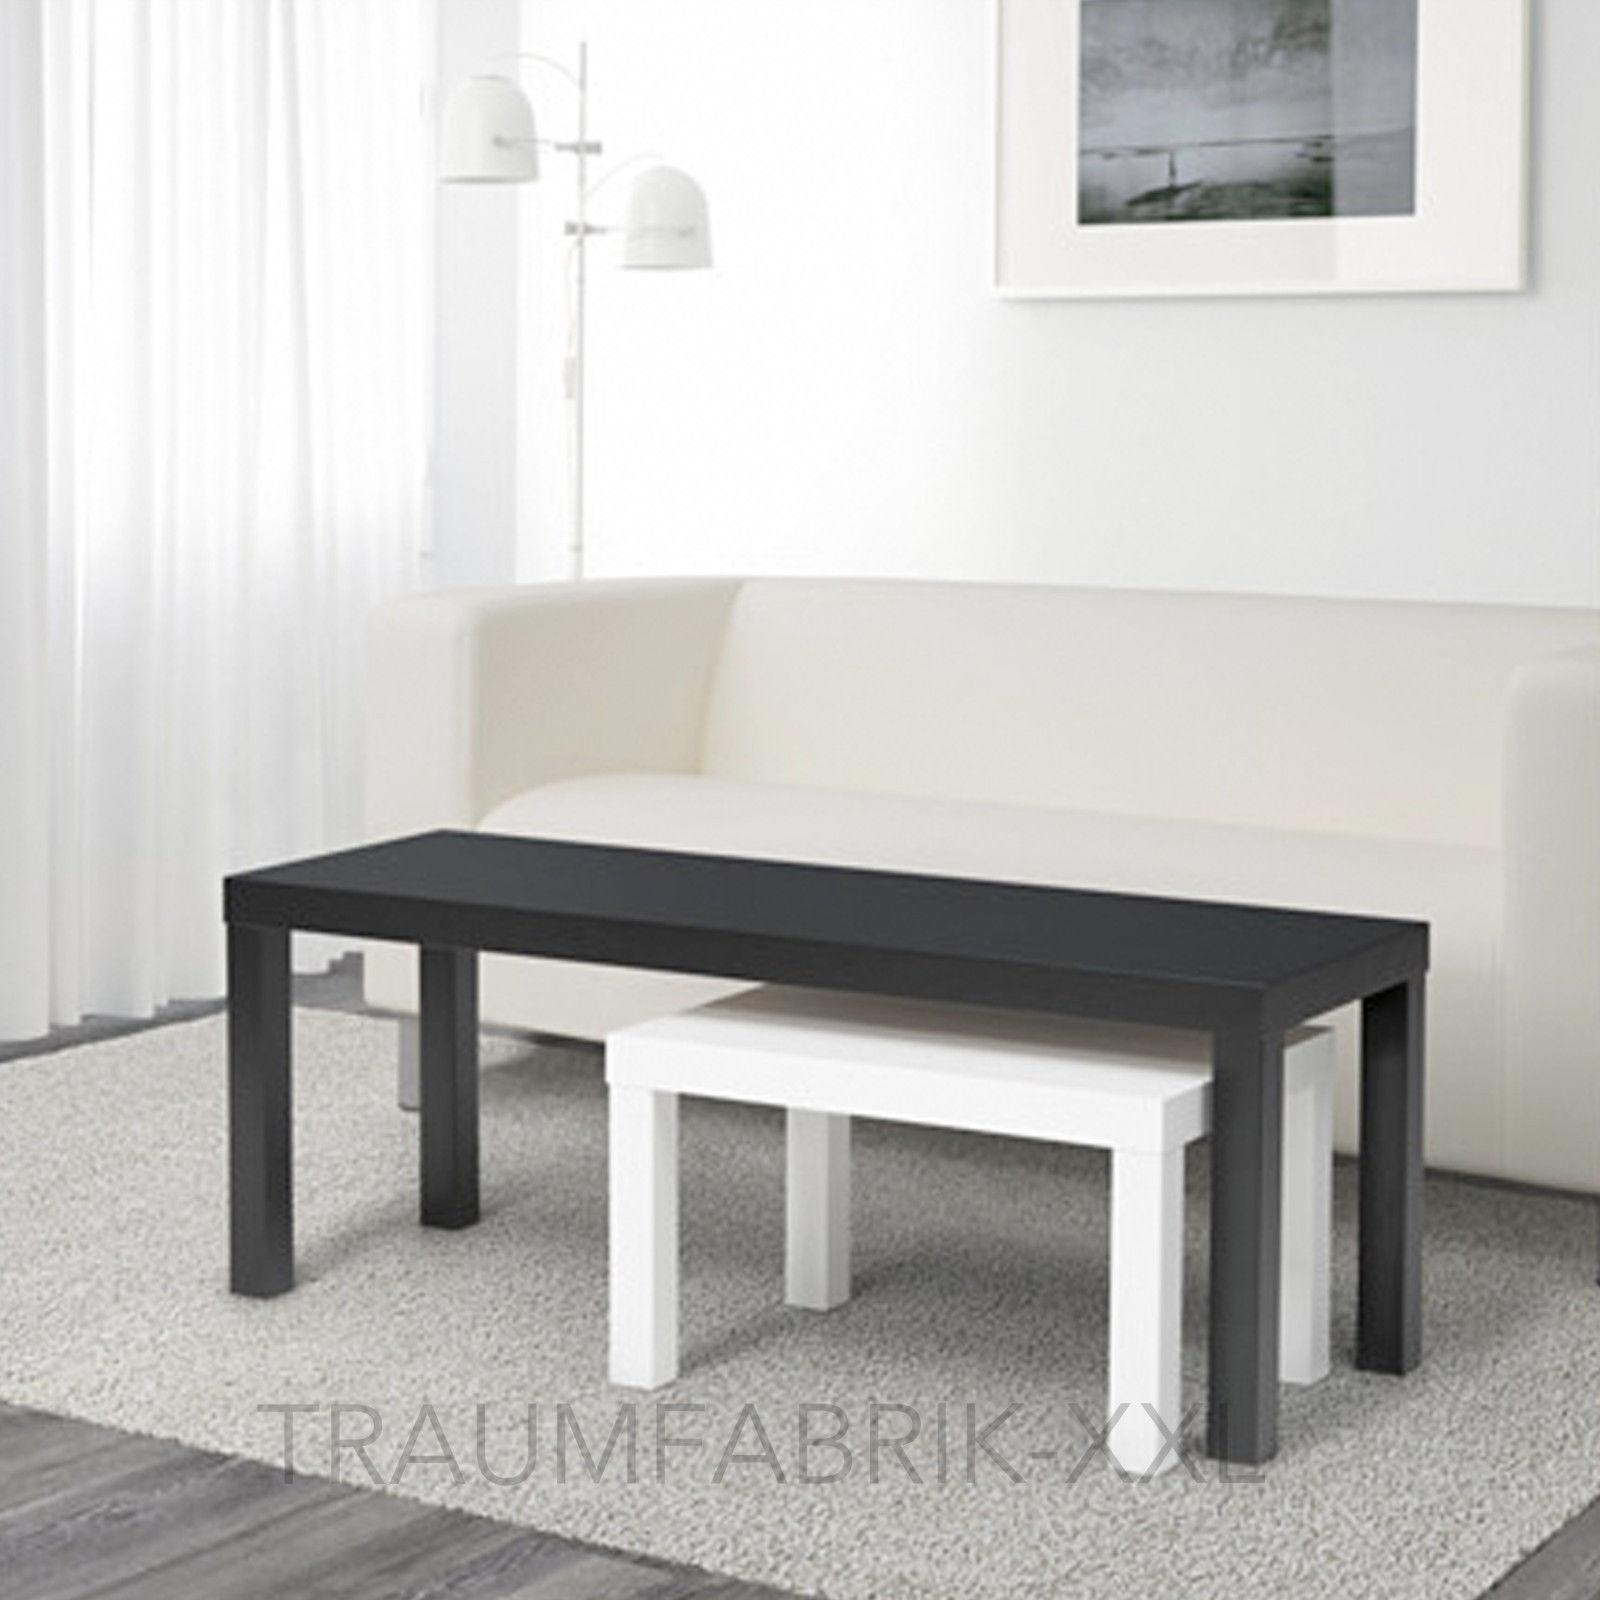 Ikea Lack 2er Set Beistelltisch schwarz weiß Couchtisch ...